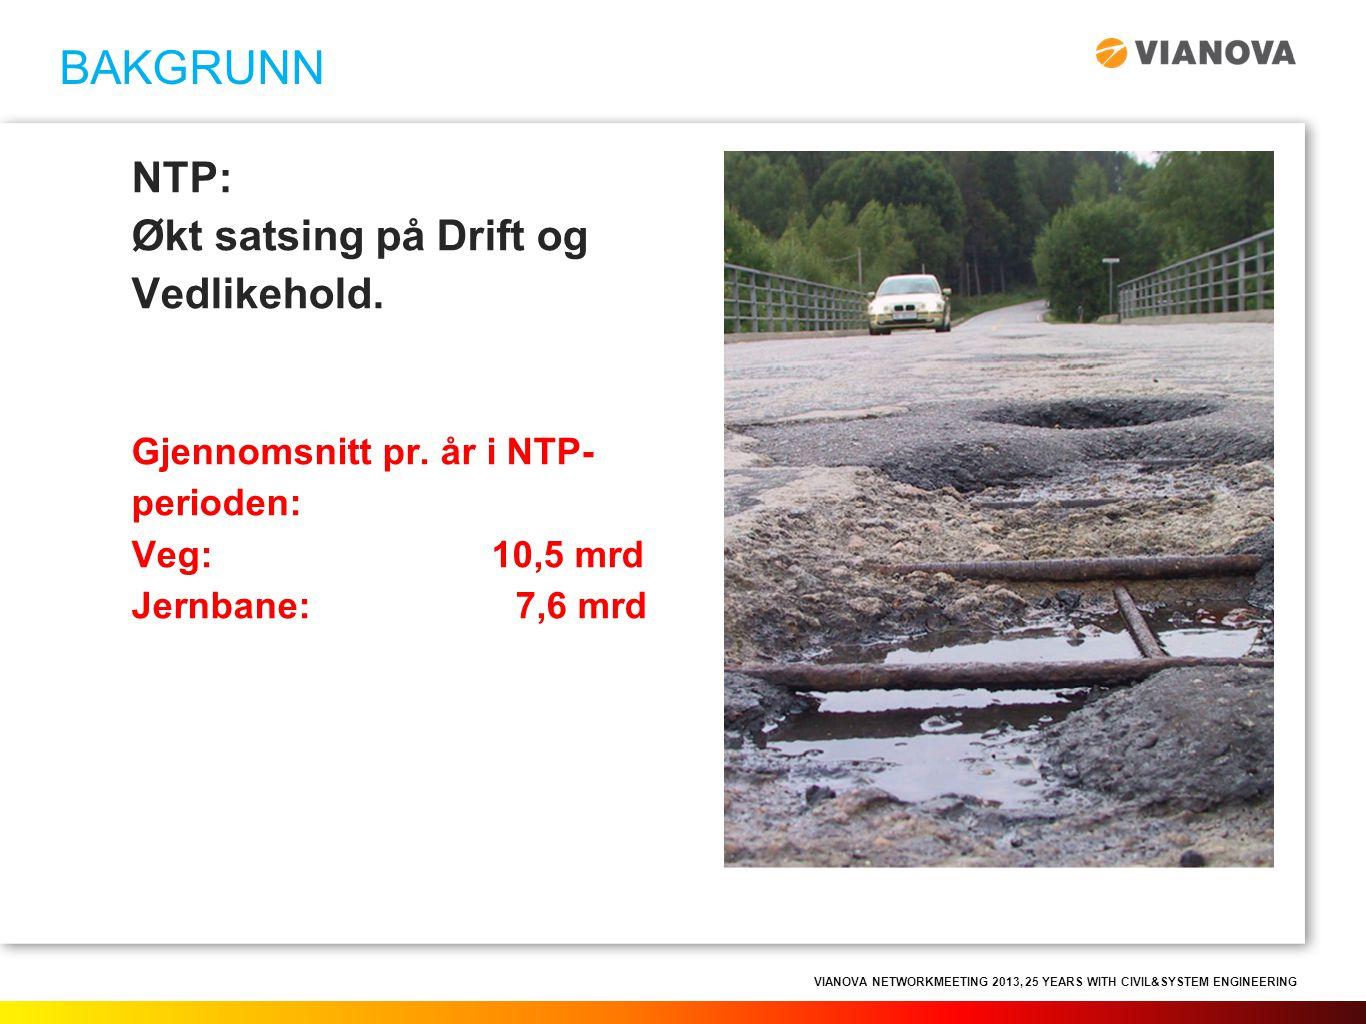 BAKGRUNN NTP: Økt satsing på Drift og Vedlikehold.